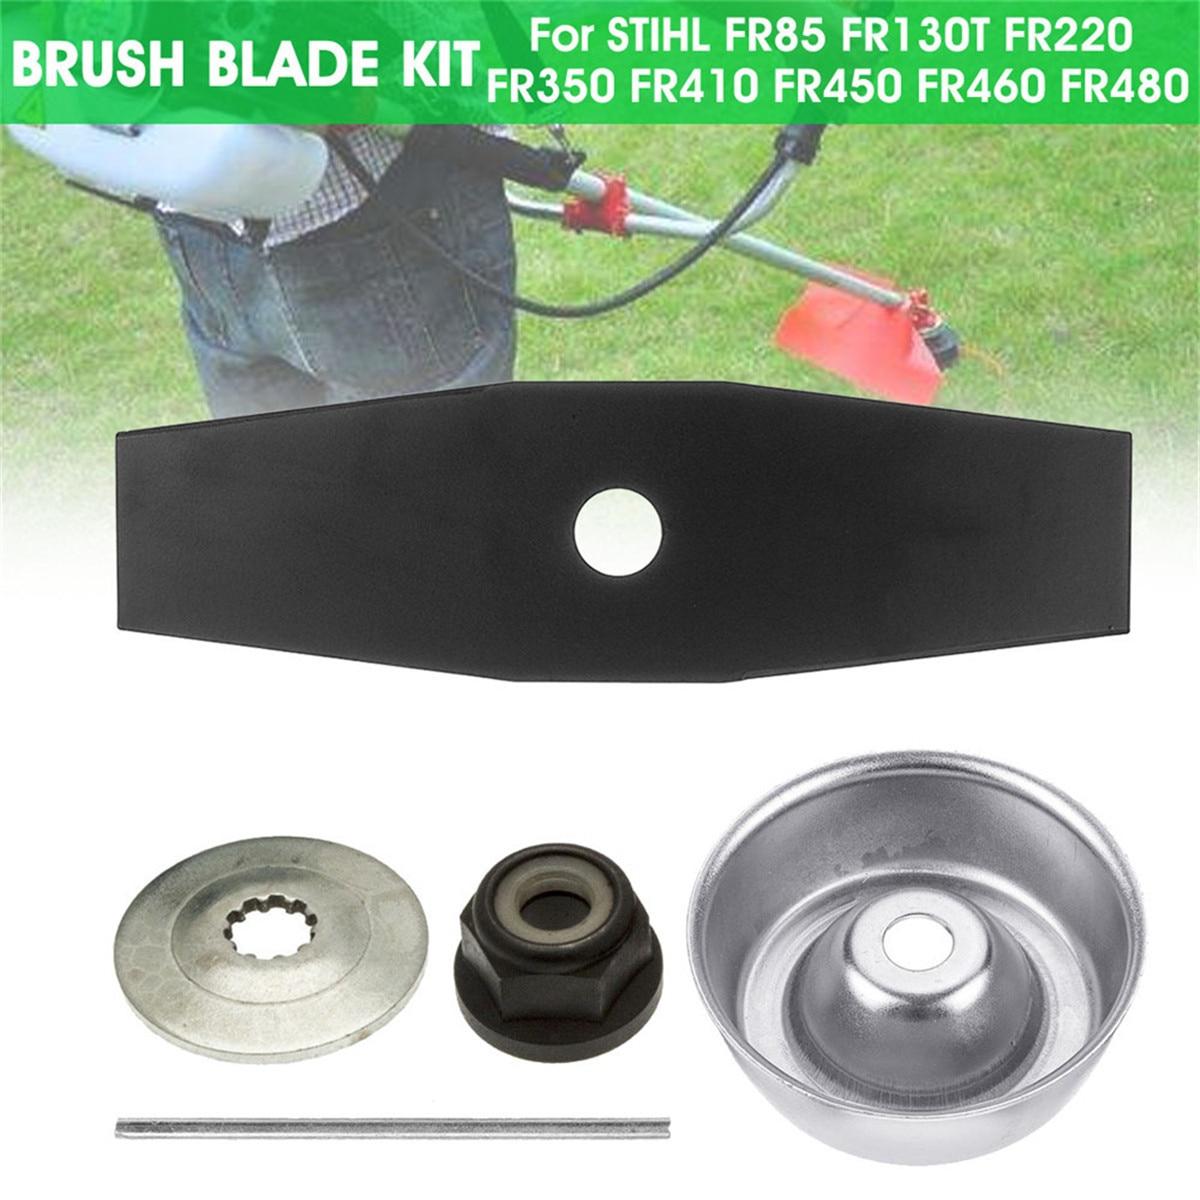 Brush Cutter Blade Kit Grass Trimmer Metal Blades Trimmer For STIHL FR85 FR130T FR220 FR350 FR410 FR450 FR460 FR480